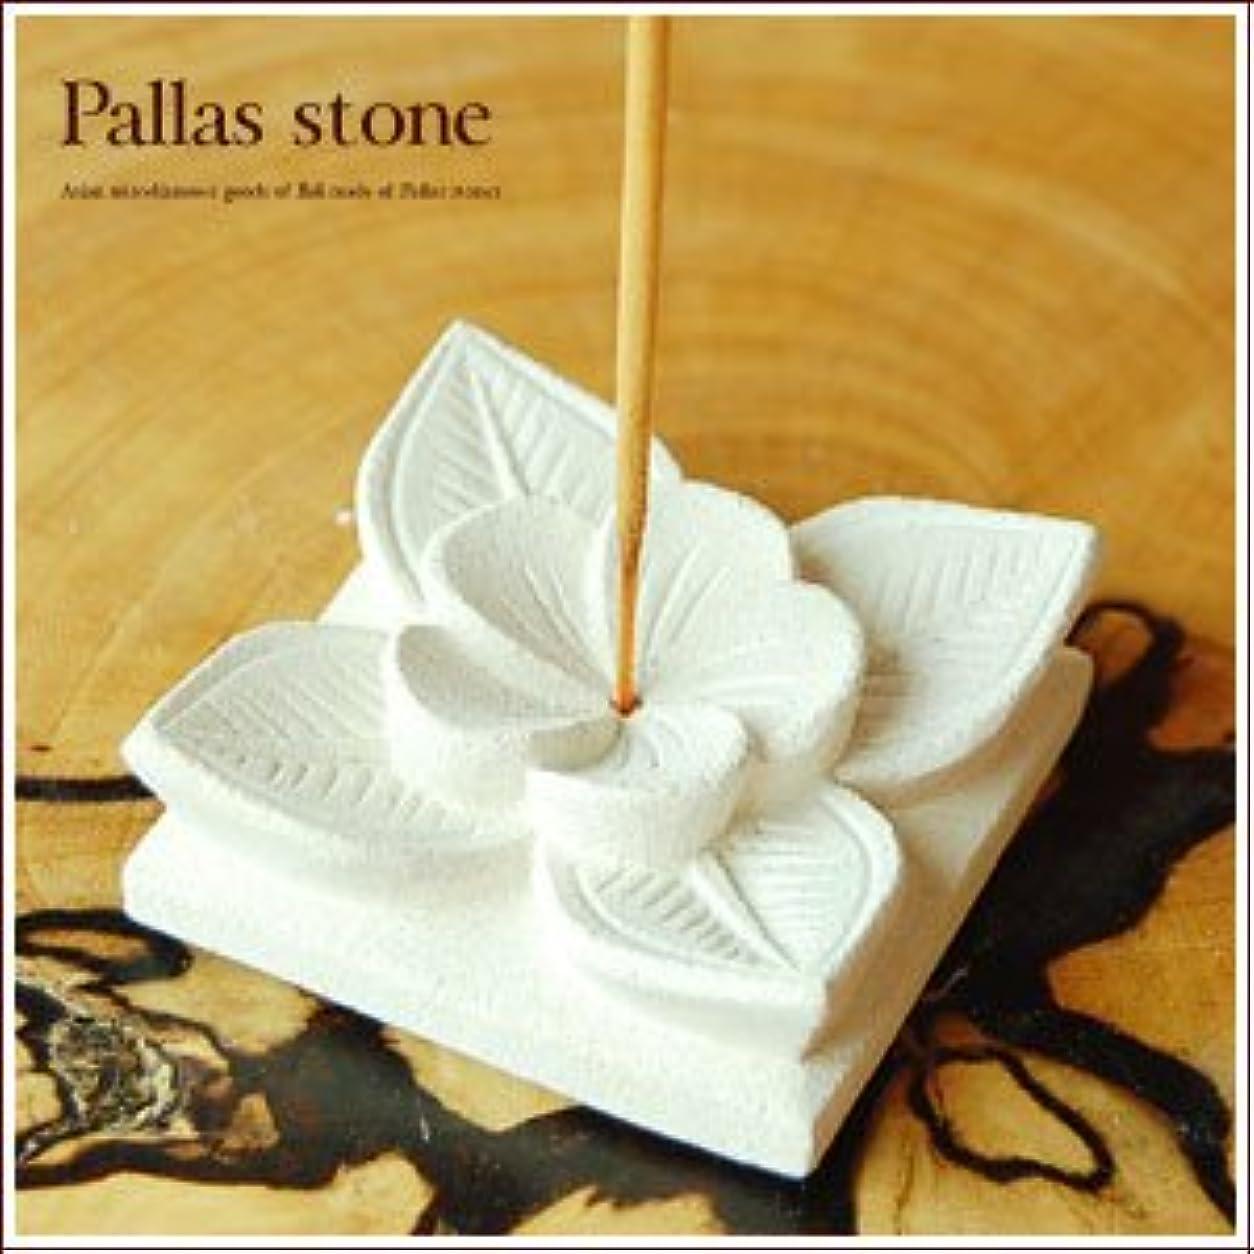 コントラスト製造業協力的【アジア工房】パラス石を彫って作ったプルメリアモチーフのお香立て[小][10135] Aタイプ [並行輸入品]